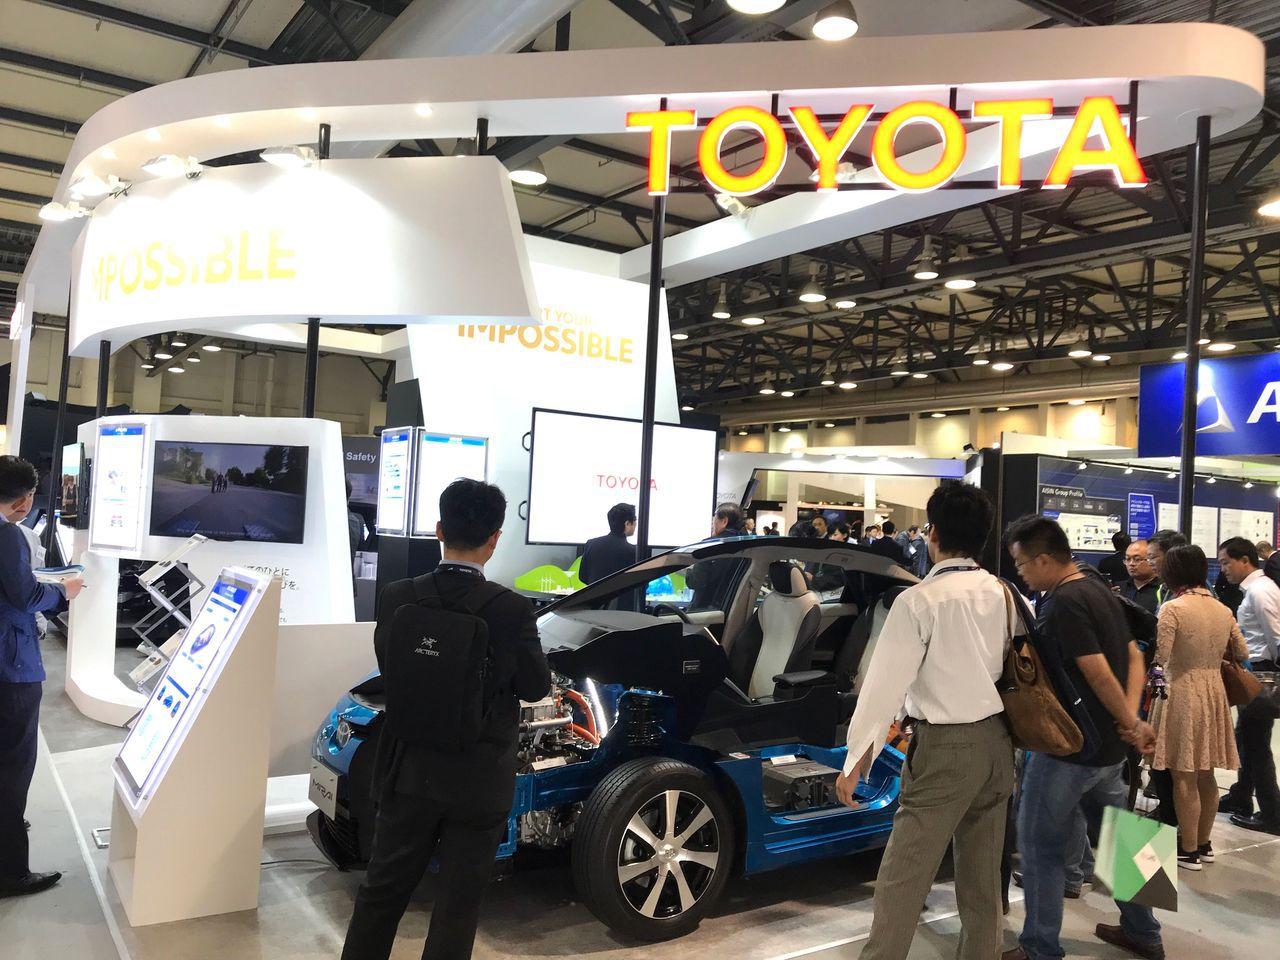 日本大廠TOYOTA攤位吸引各國參觀者駐足。貿協提供